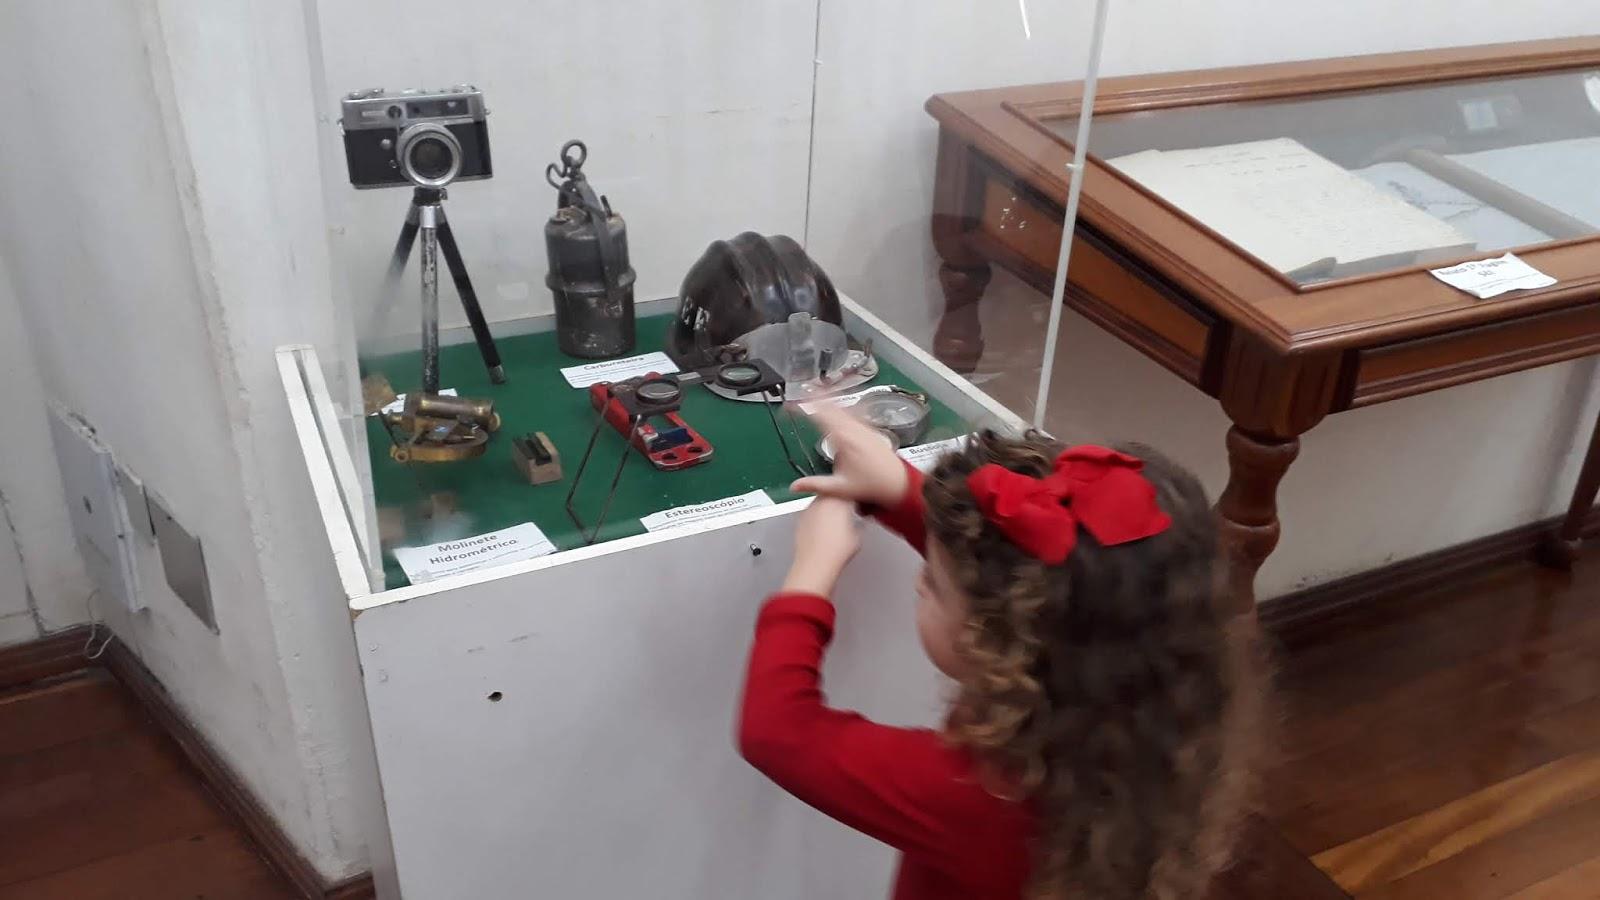 Acervo do Museu da Ciência e da Técnica da Escola de Minas  UFOP